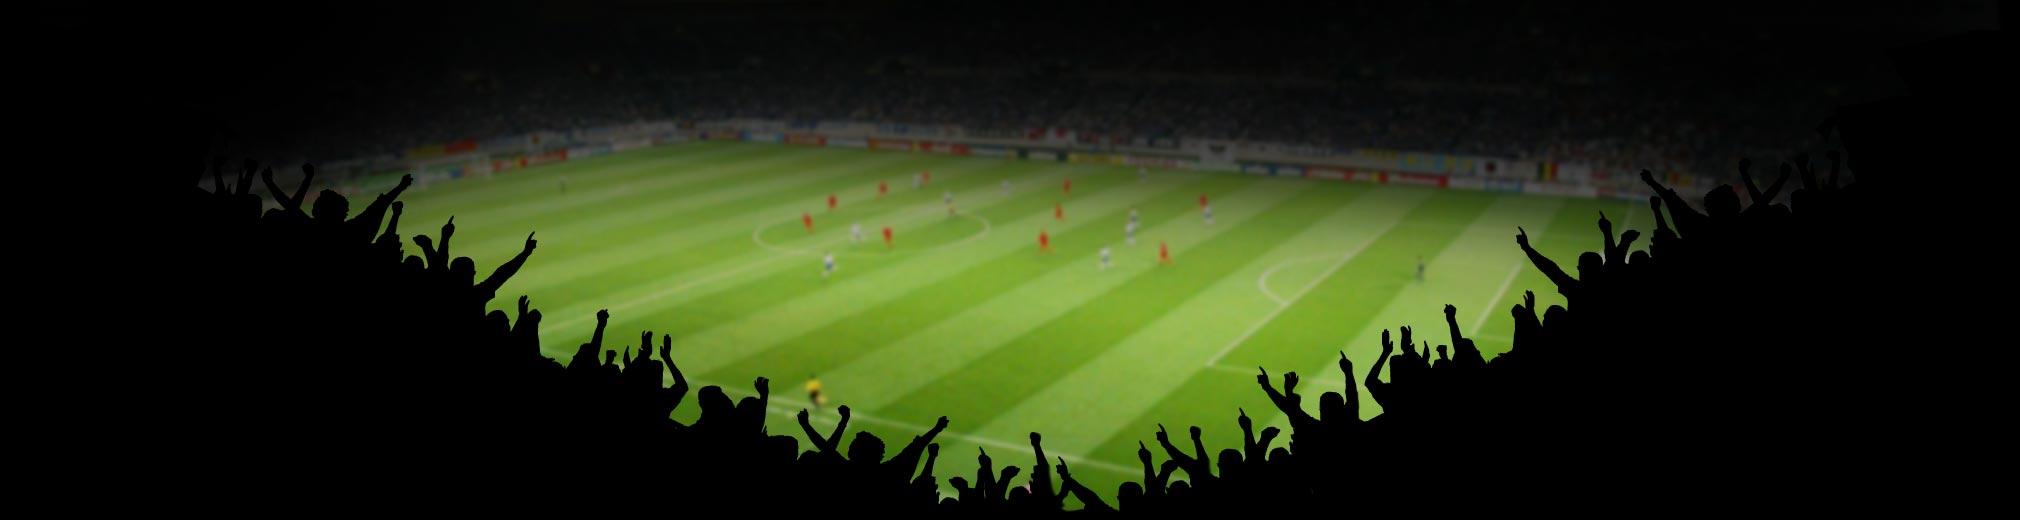 Δωρεάν ποδοσφαιρικές στοιχιματικές προσφορές